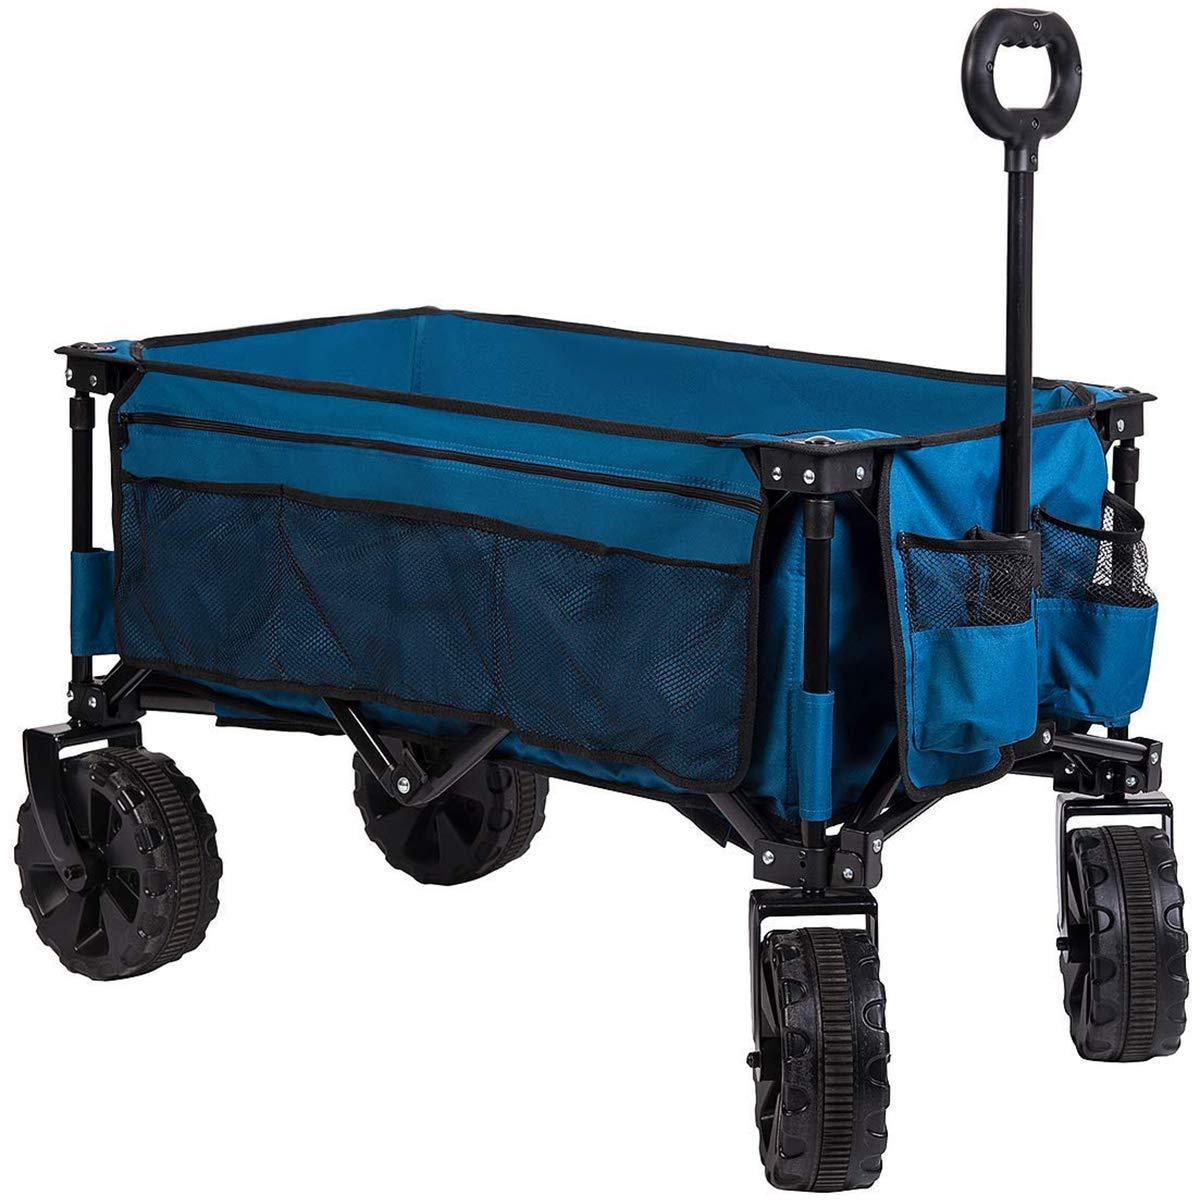 ★瞬時にeasy set up:下を押して、あなたが1秒間にワゴンを開くことができます!いいえアセンブリは必要ありません B07CSHYQ9Q